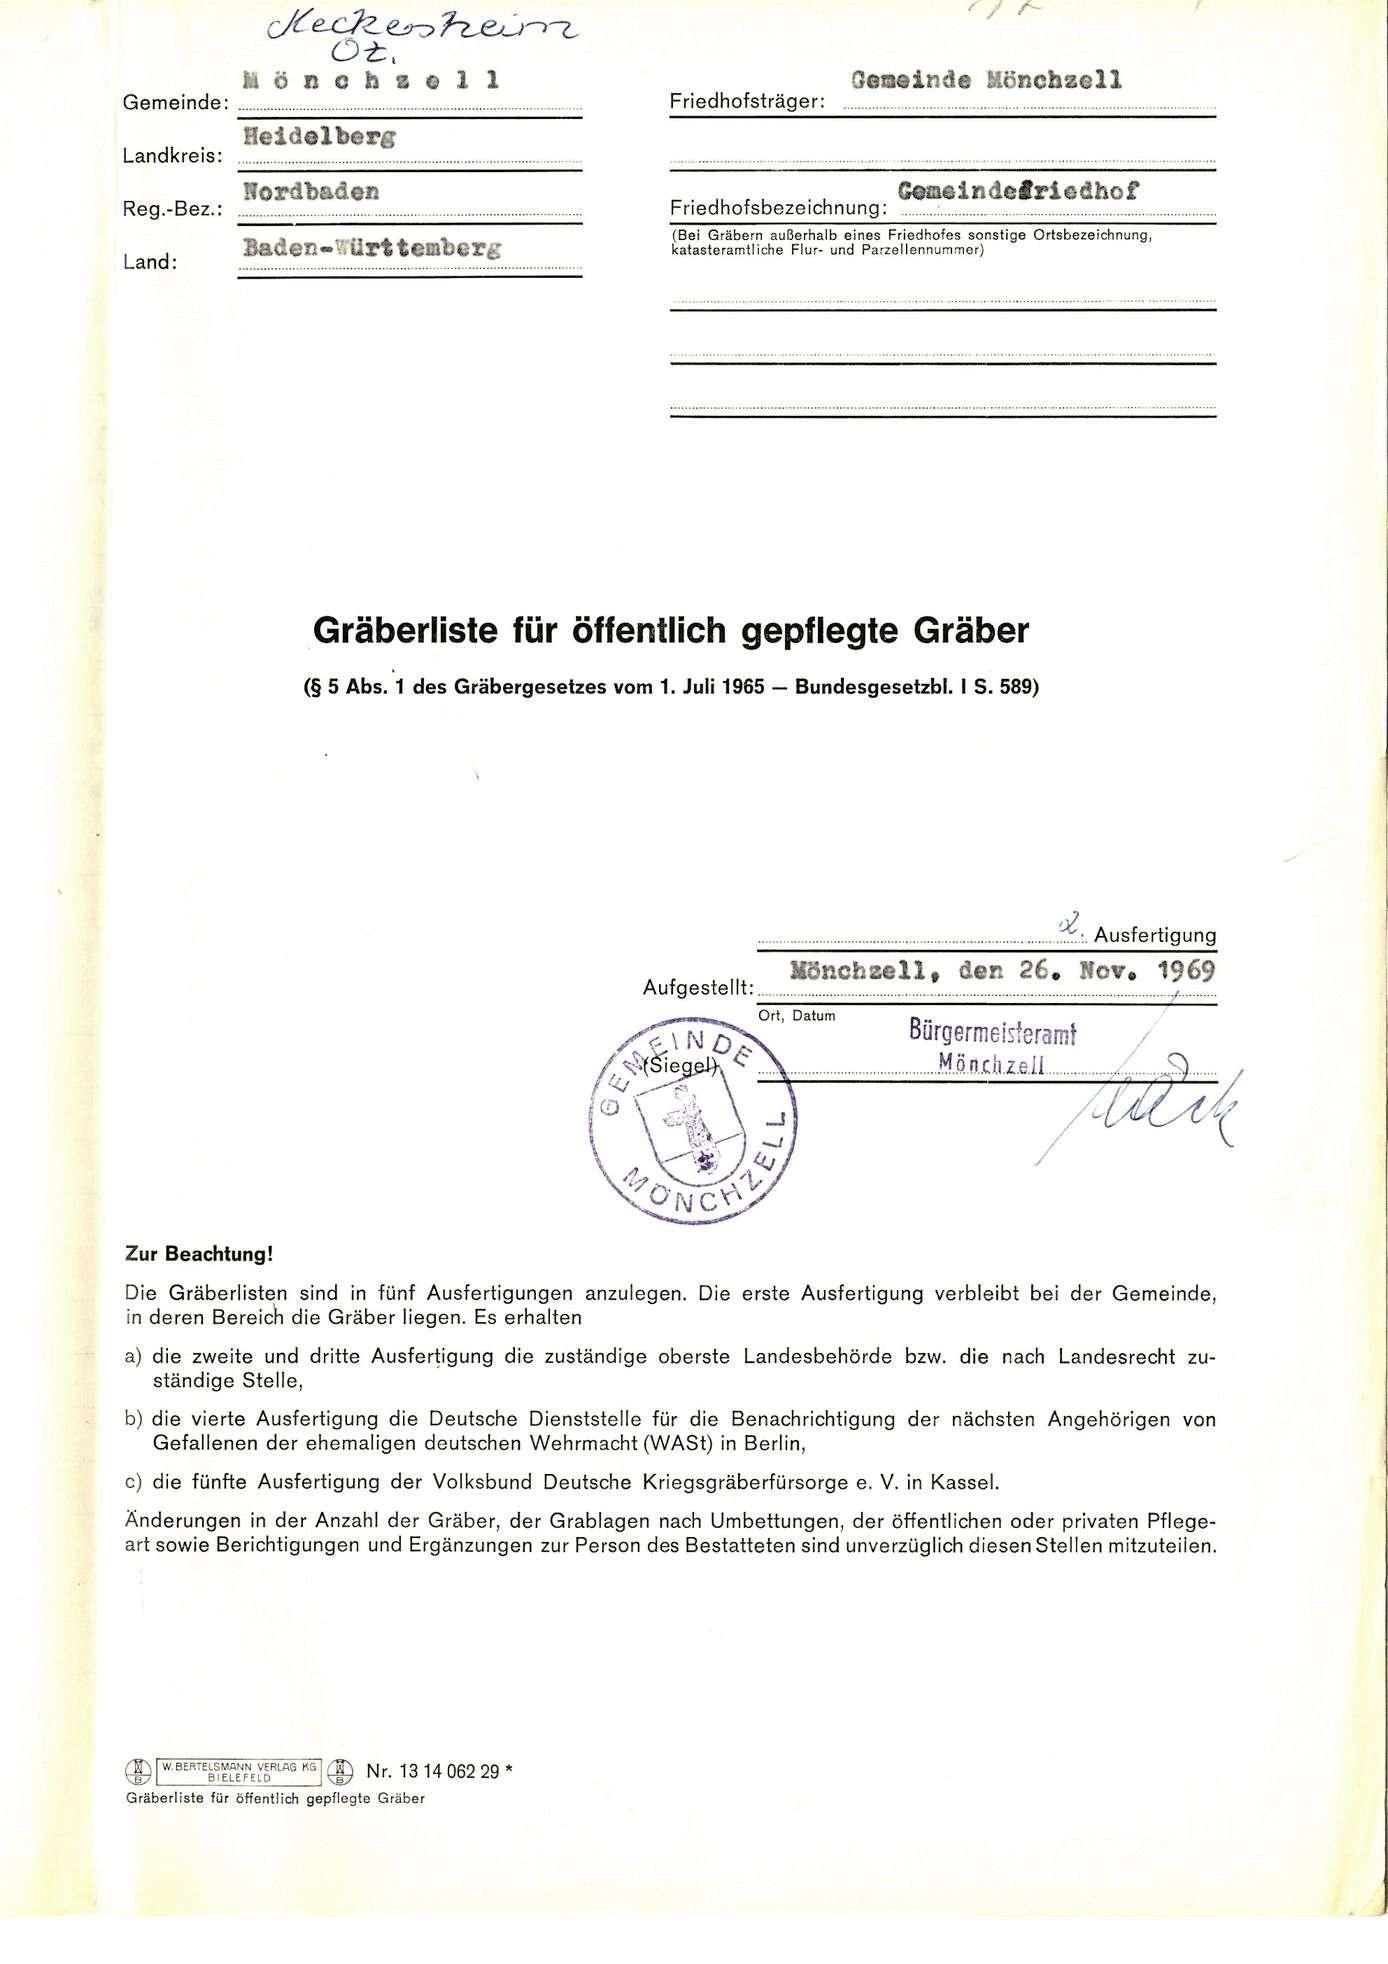 Mönchzell, Bild 1